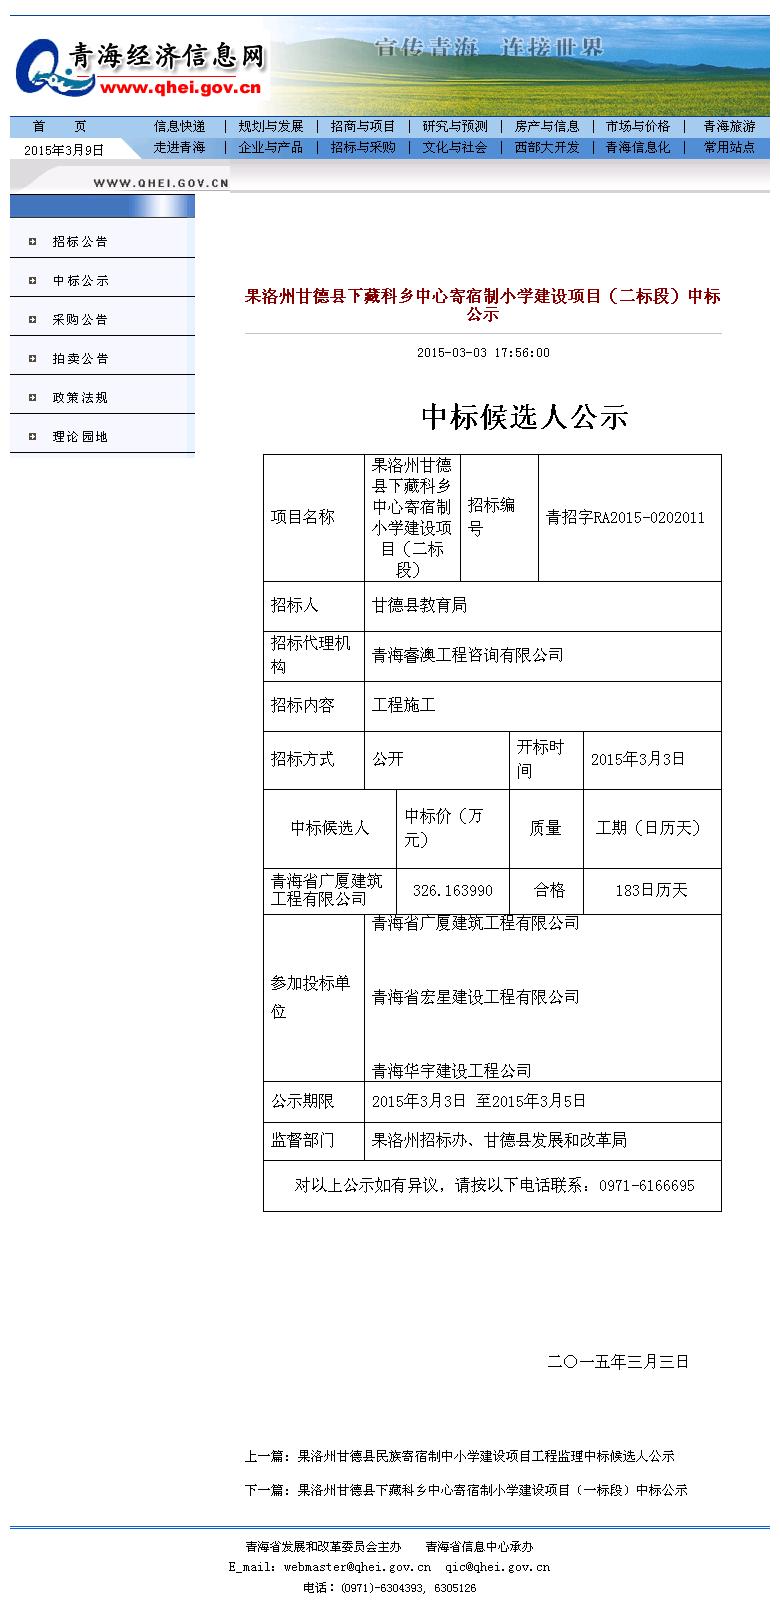 青海省广厦建筑工程有限公司 果洛州甘德县下藏科乡制